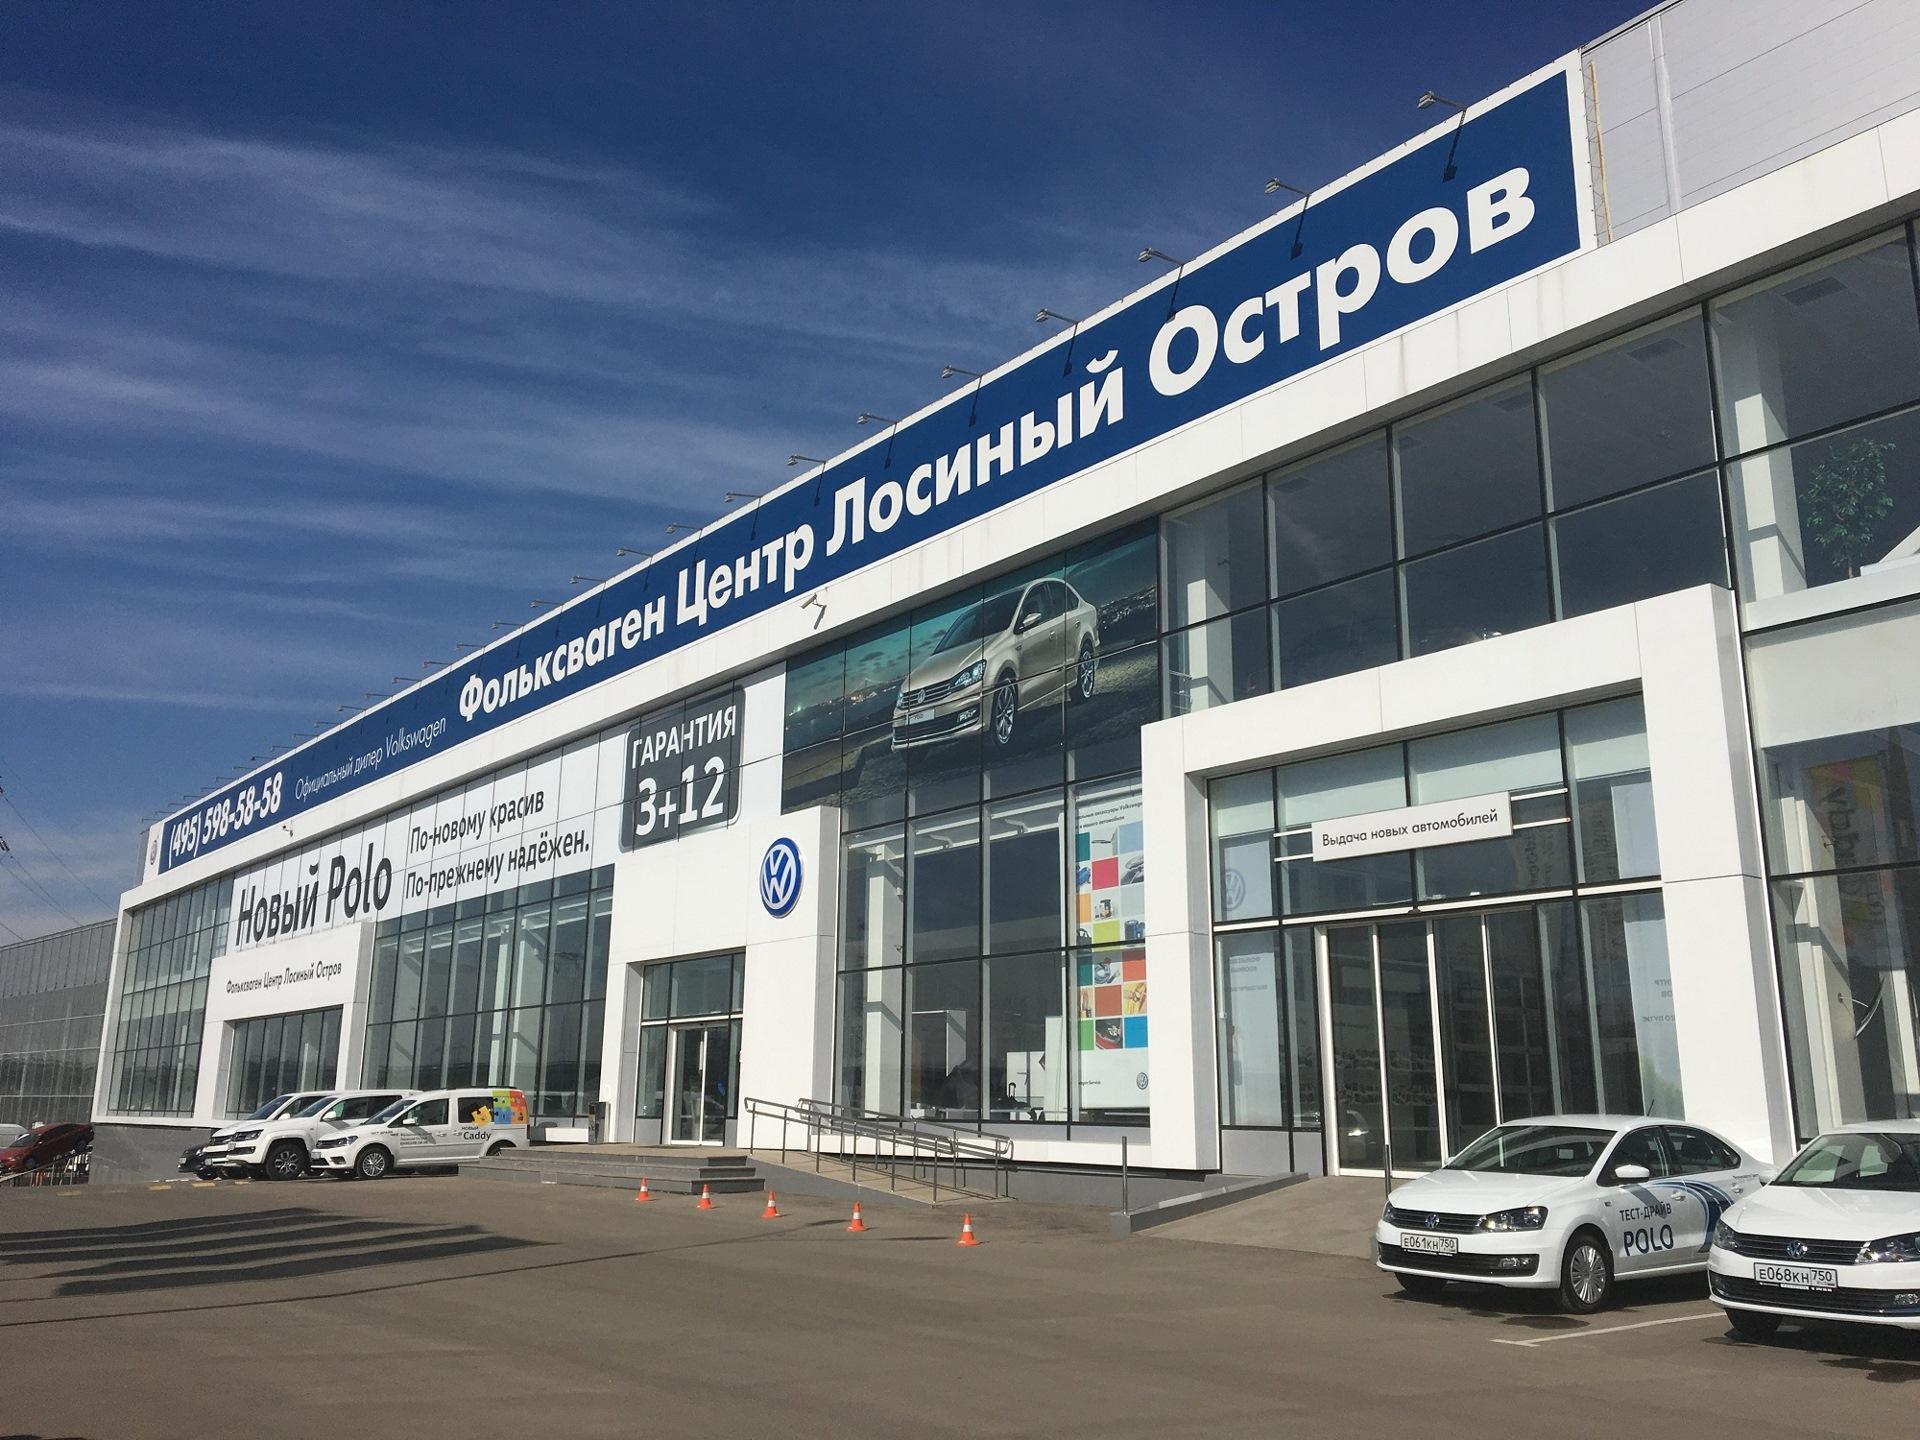 Автосалон фольксваген в москве официальный лосиный остров залоговые автомобили на продаже в банке